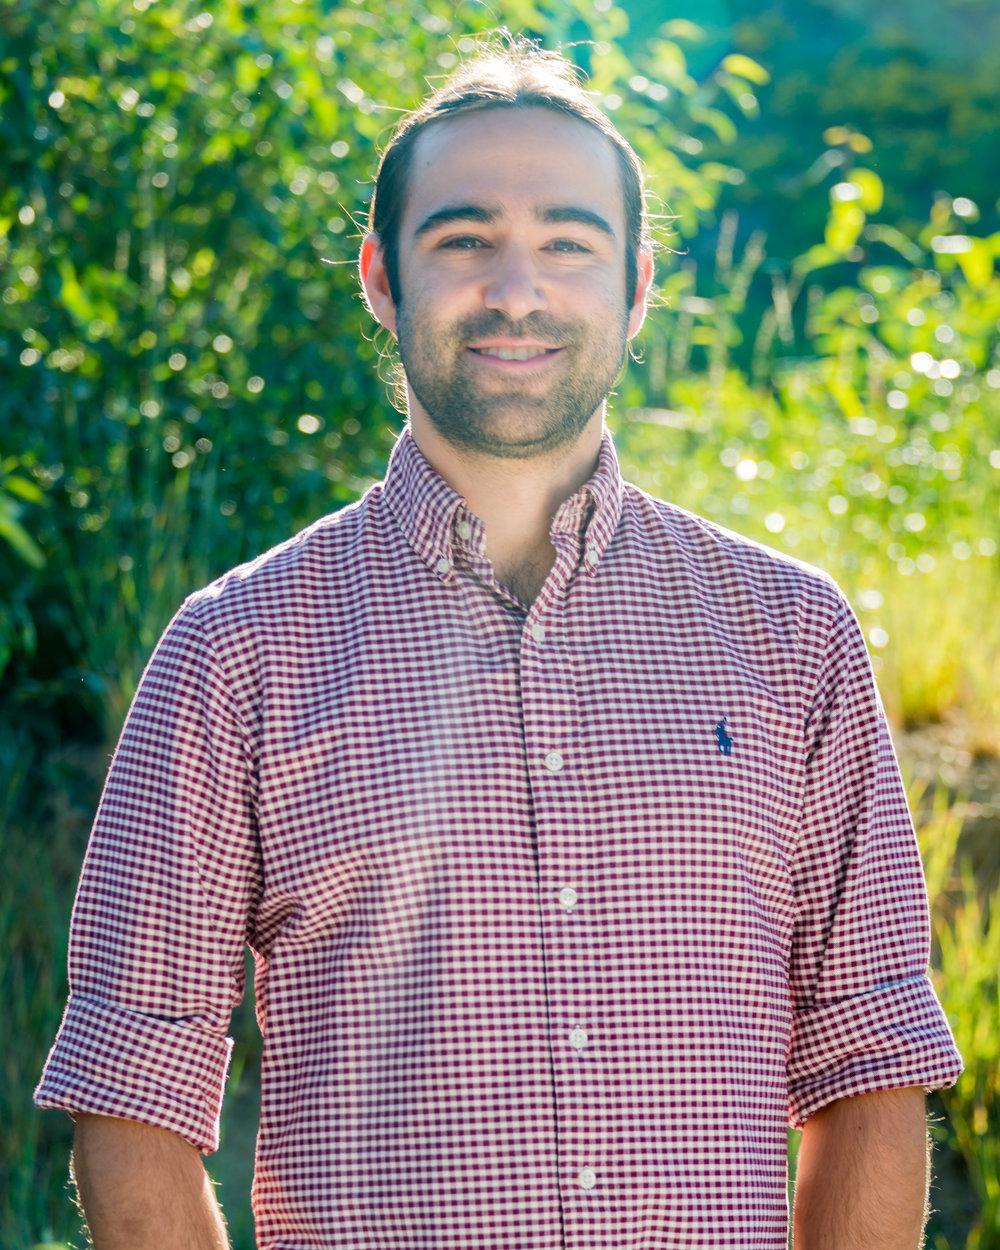 Nate Calabro